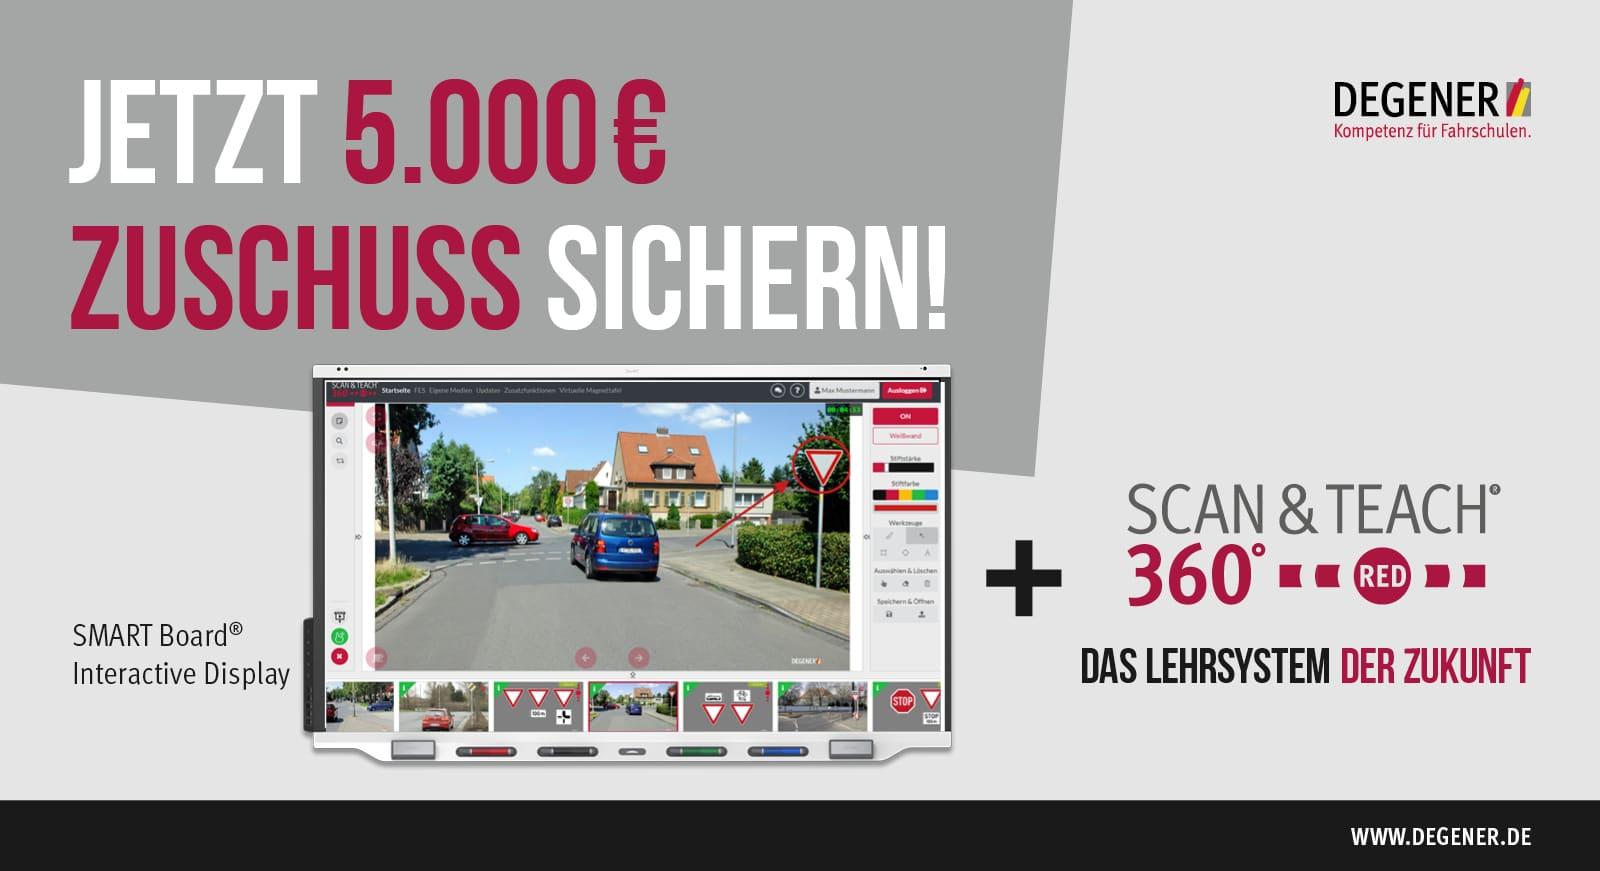 Jetzt 5.000 Euro Zuschuss sichern